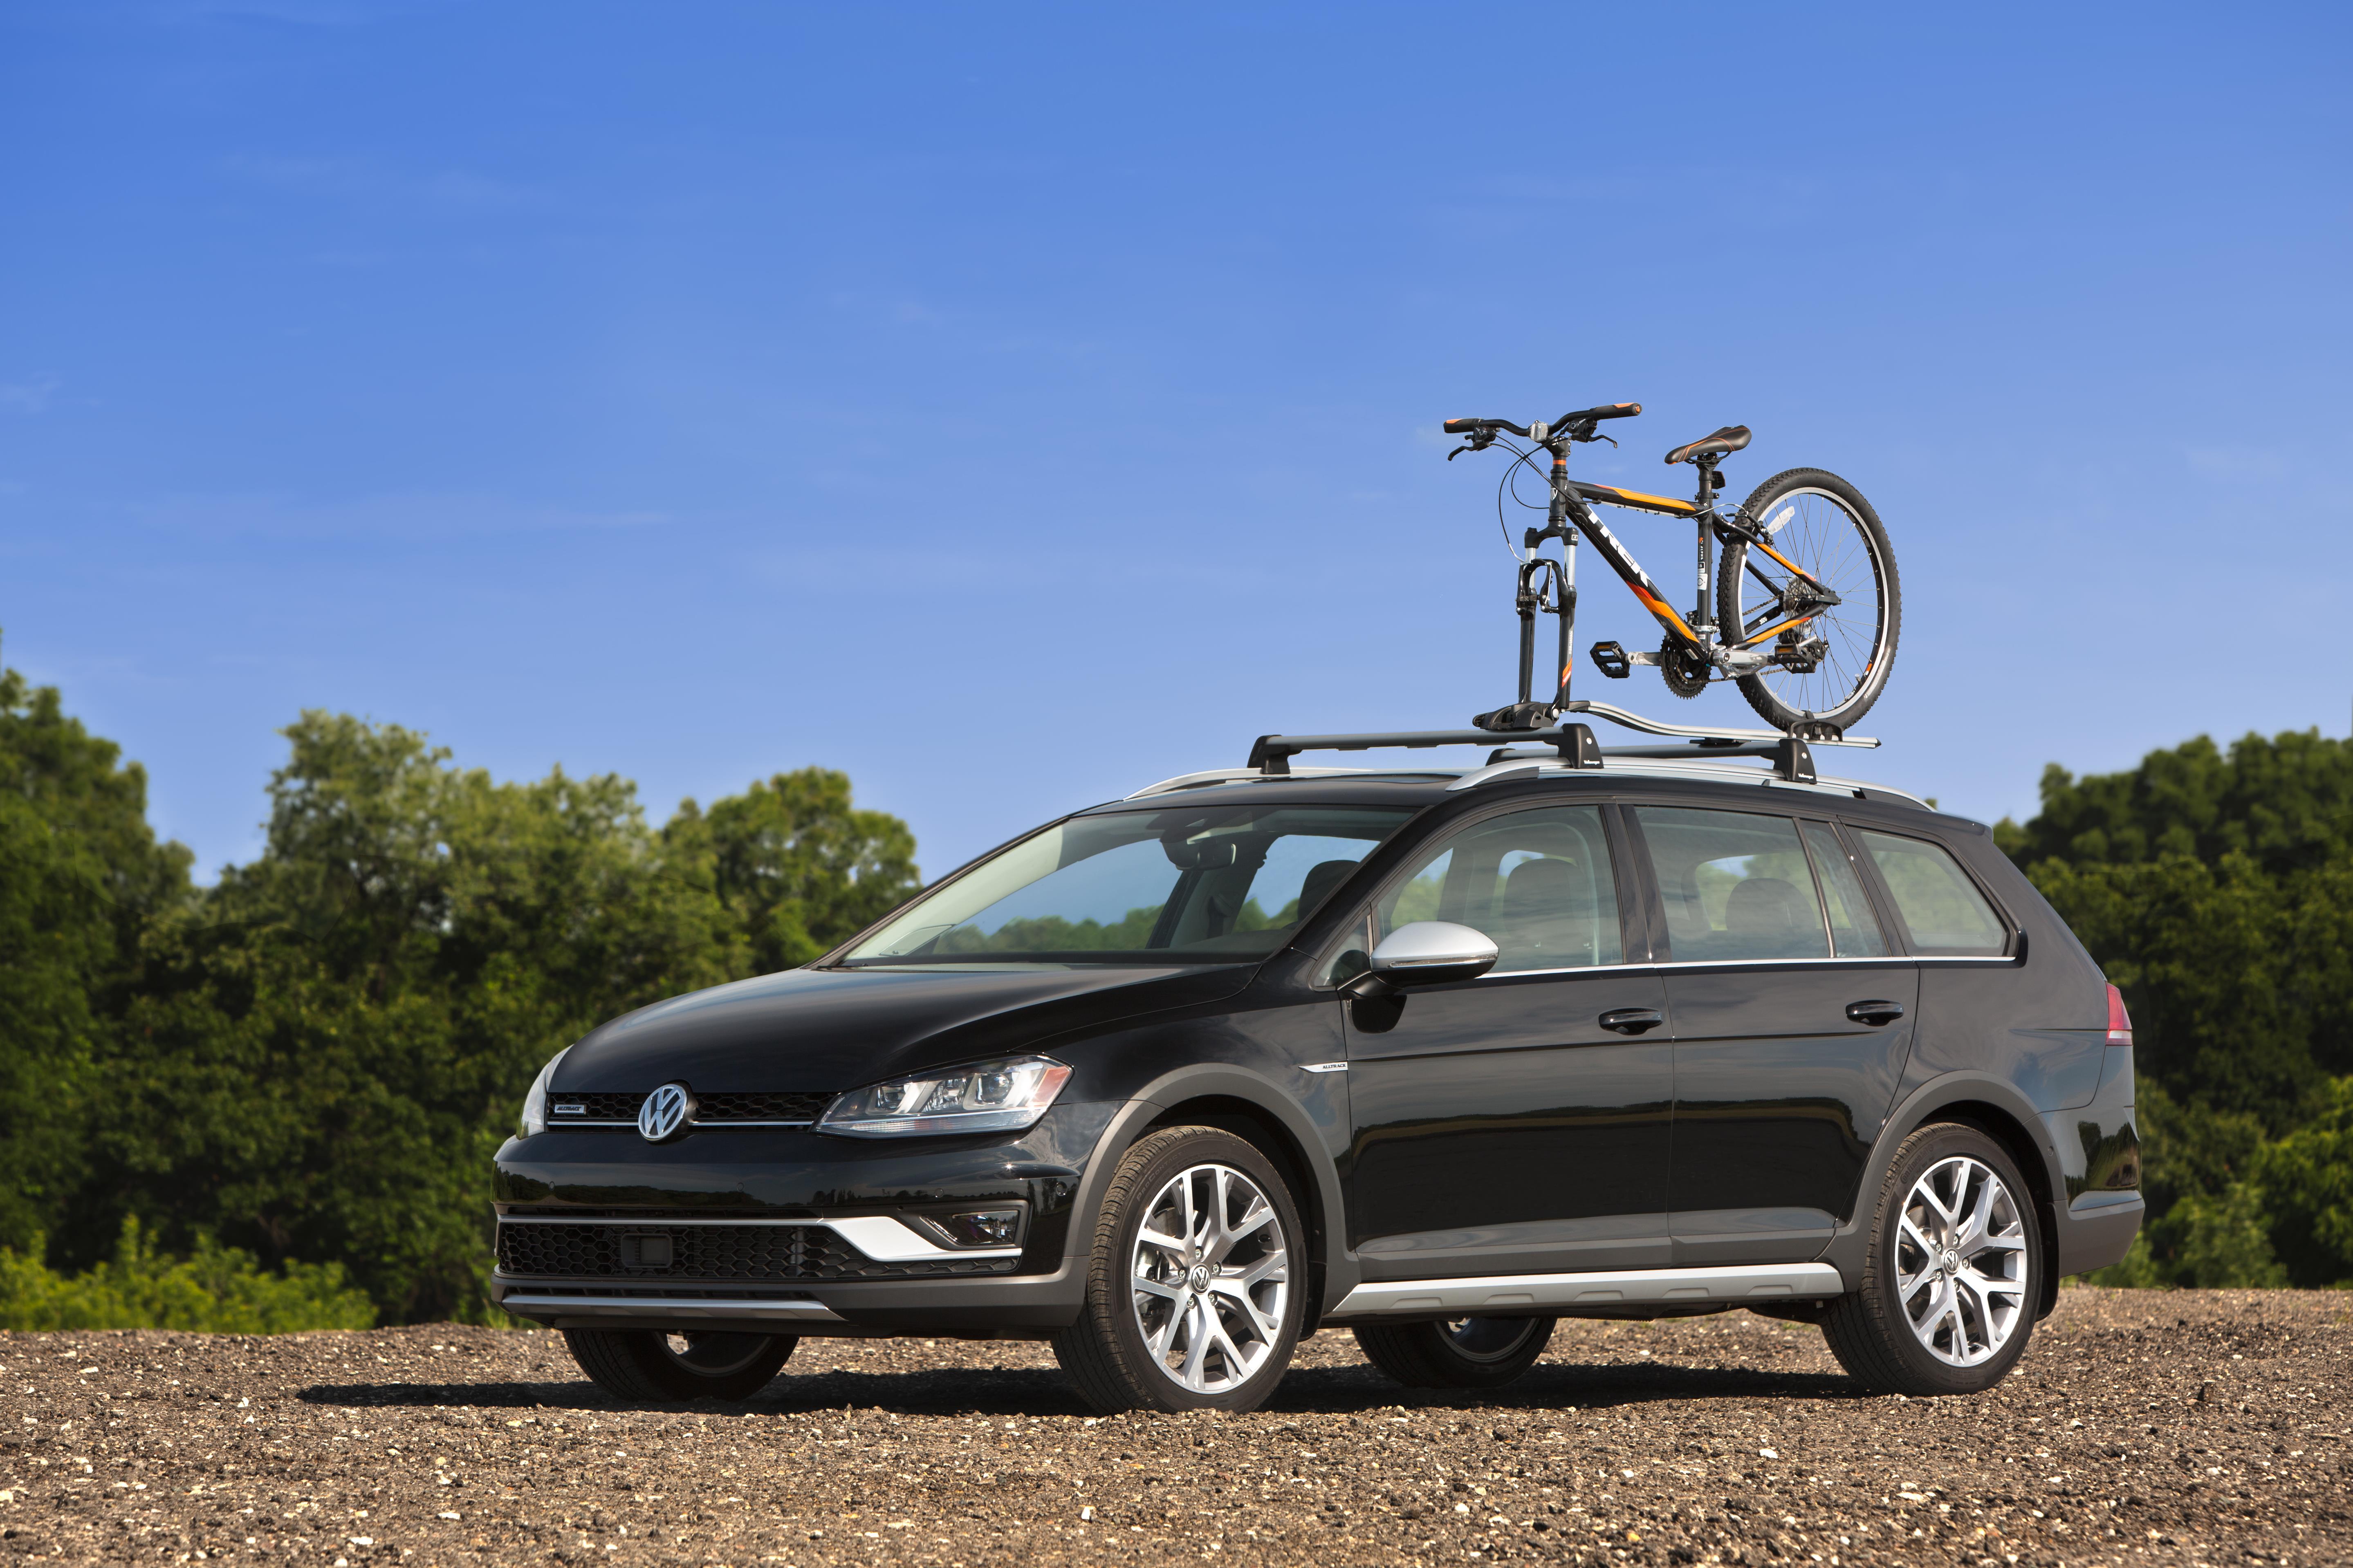 2017 Volkswagen Alltrack Base Racks And Bike Holder